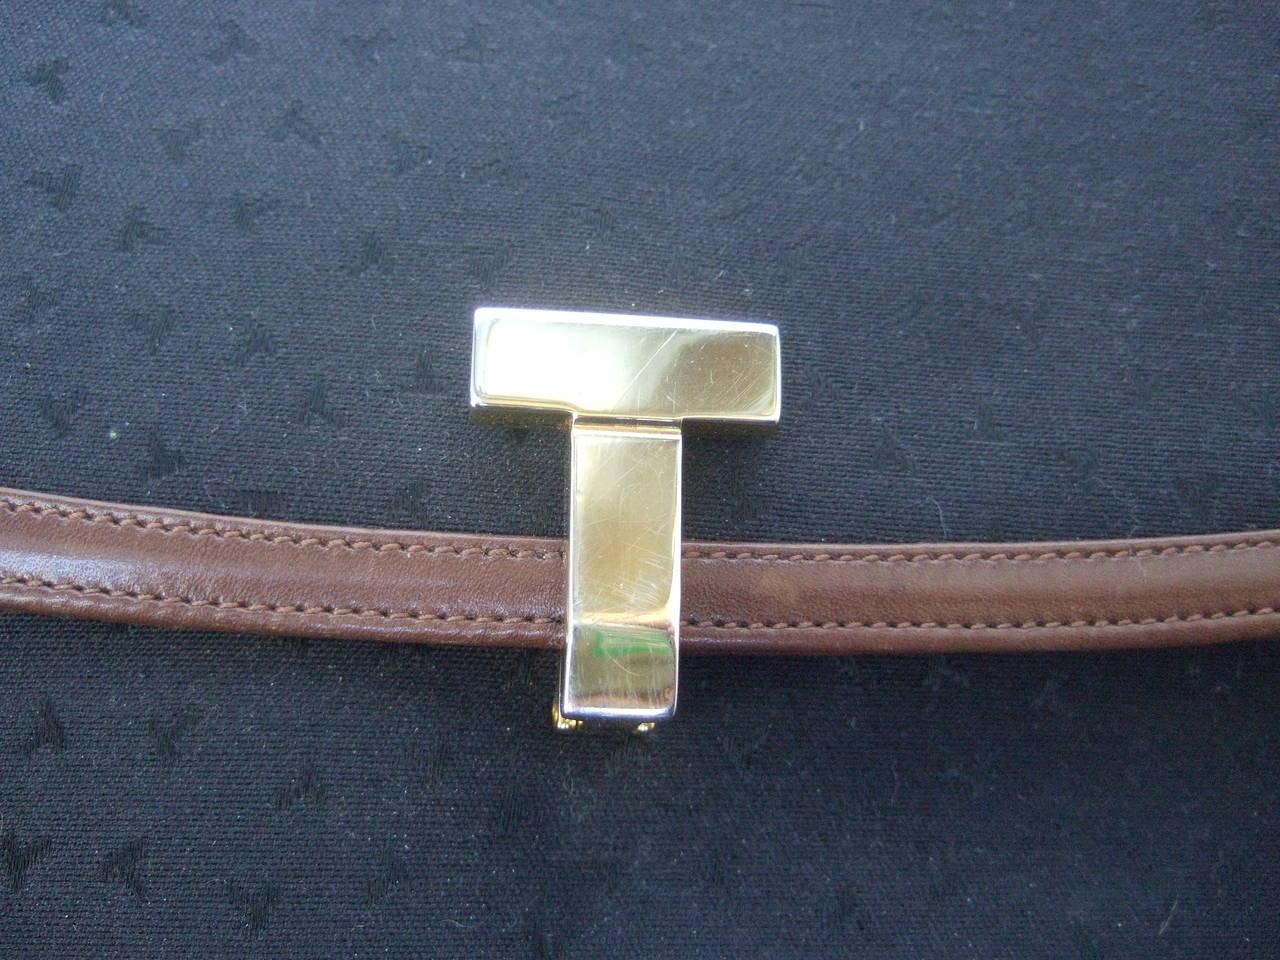 Tiffany & Company Black Canvas Handbag Made in Italy c 1980 For Sale 1